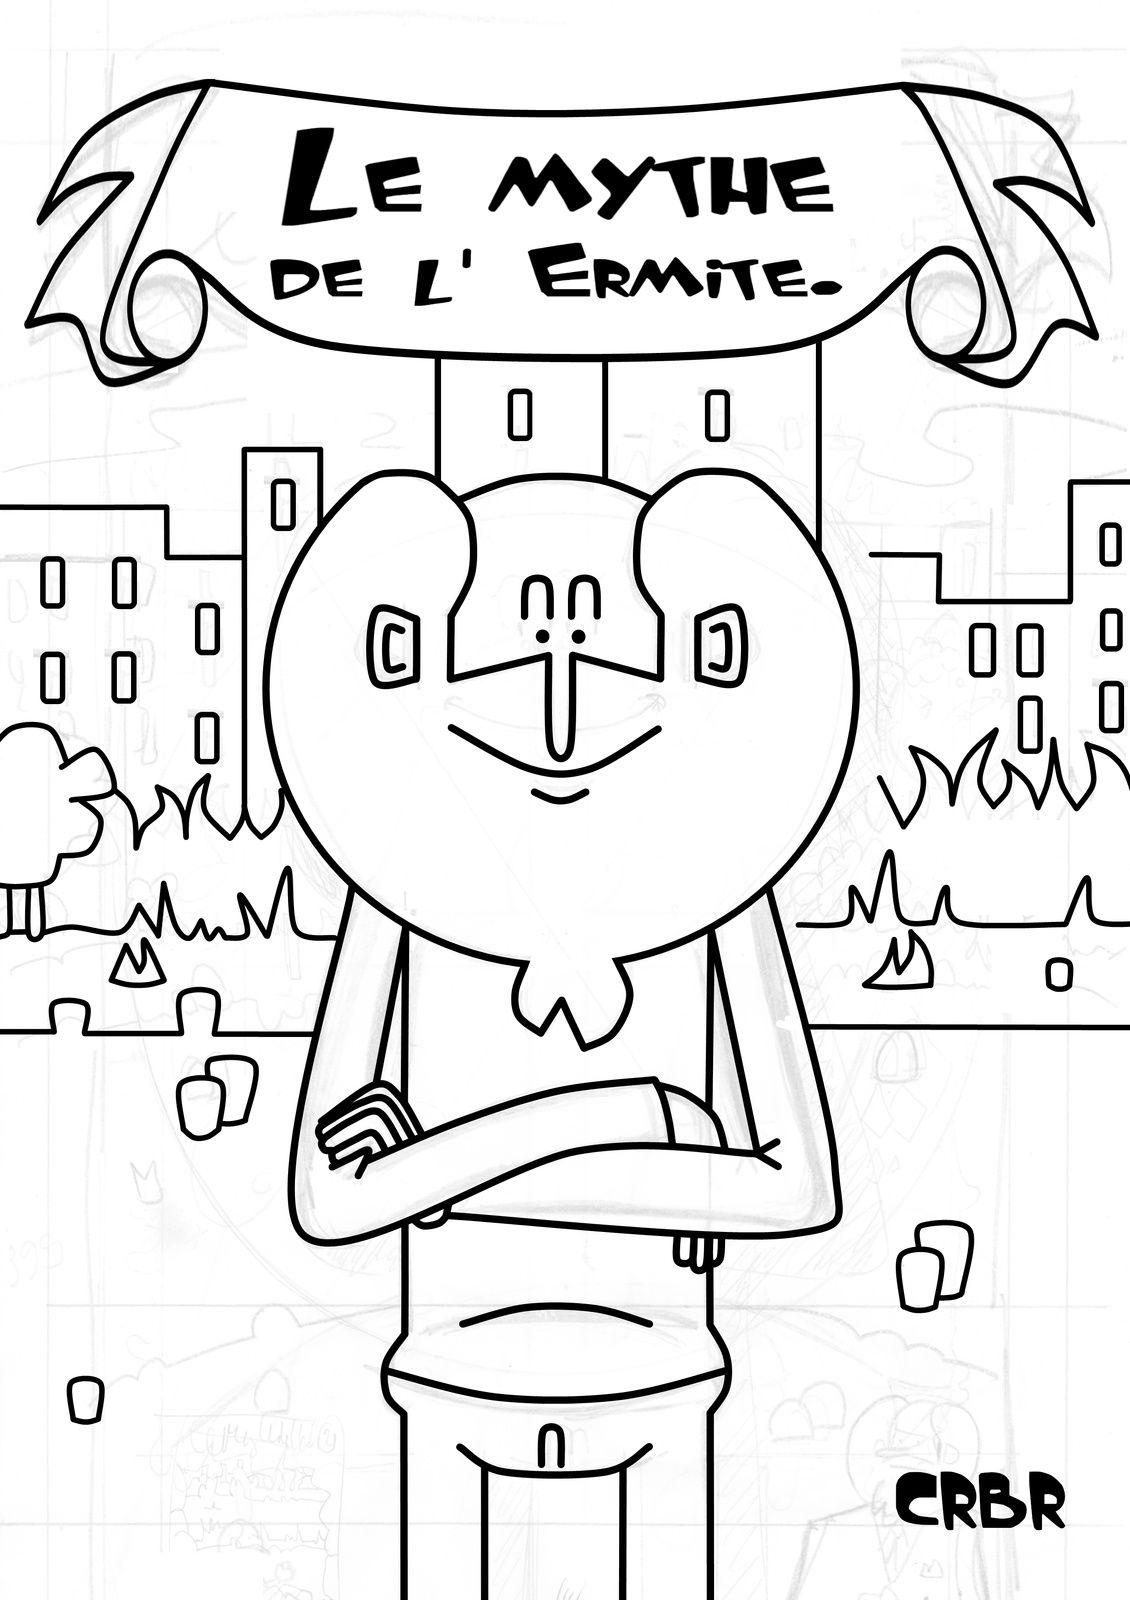 Le mythe de l' Ermite: Concours.